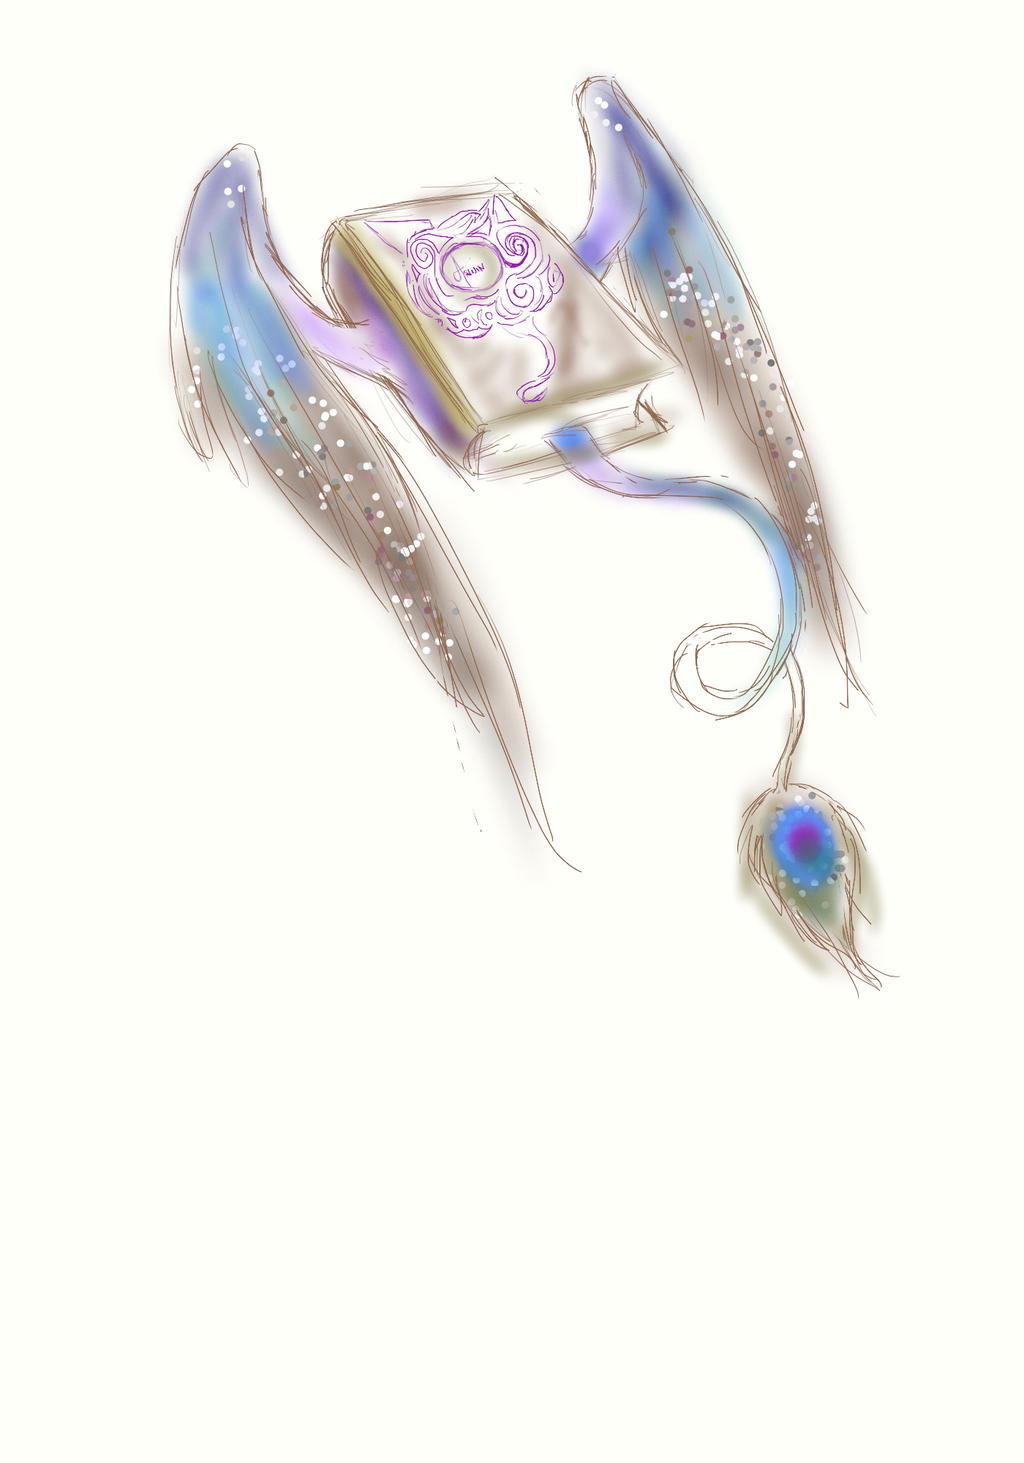 Livre Volant By Mihio San On Deviantart